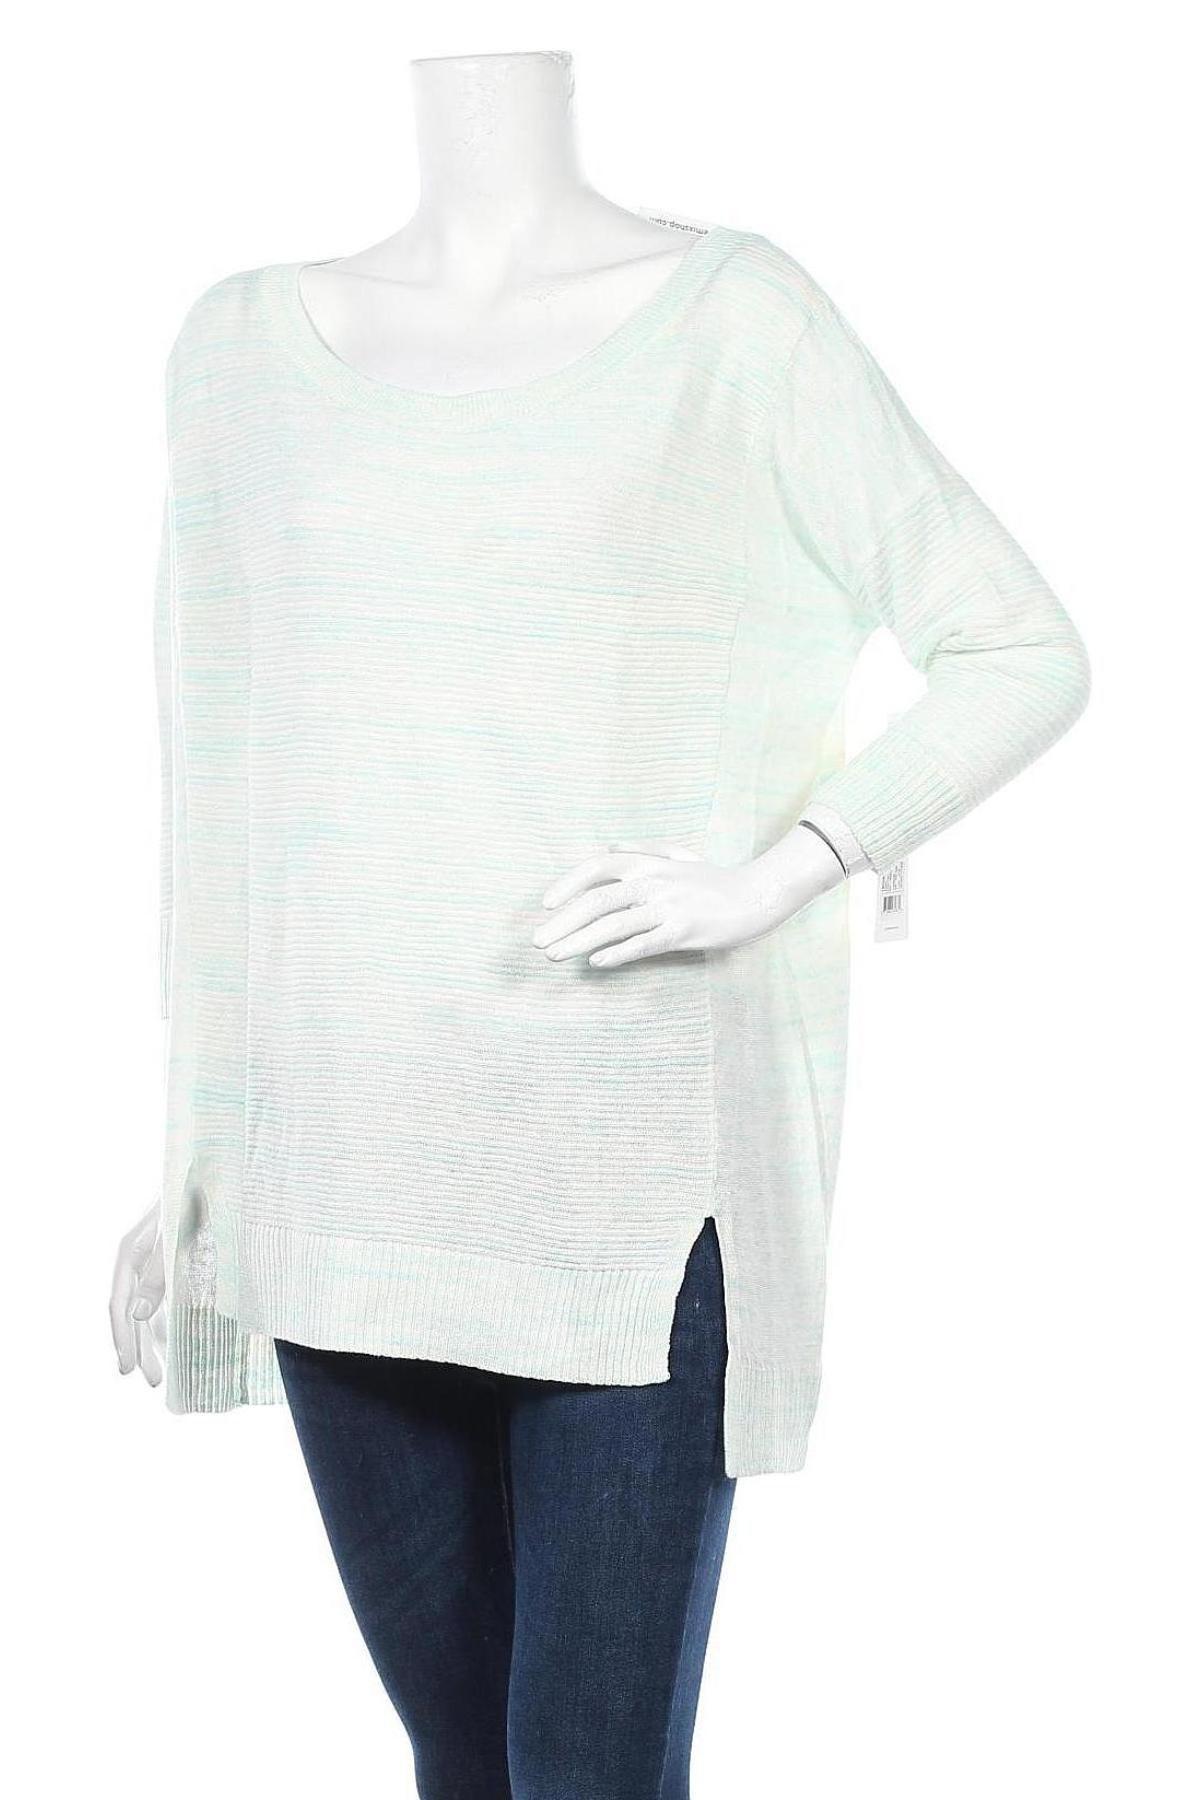 Γυναικείο πουλόβερ Lole, Μέγεθος M, Χρώμα Μπλέ, 65% λινό, 23% βαμβάκι, 12% πολυεστέρας, Τιμή 24,74€